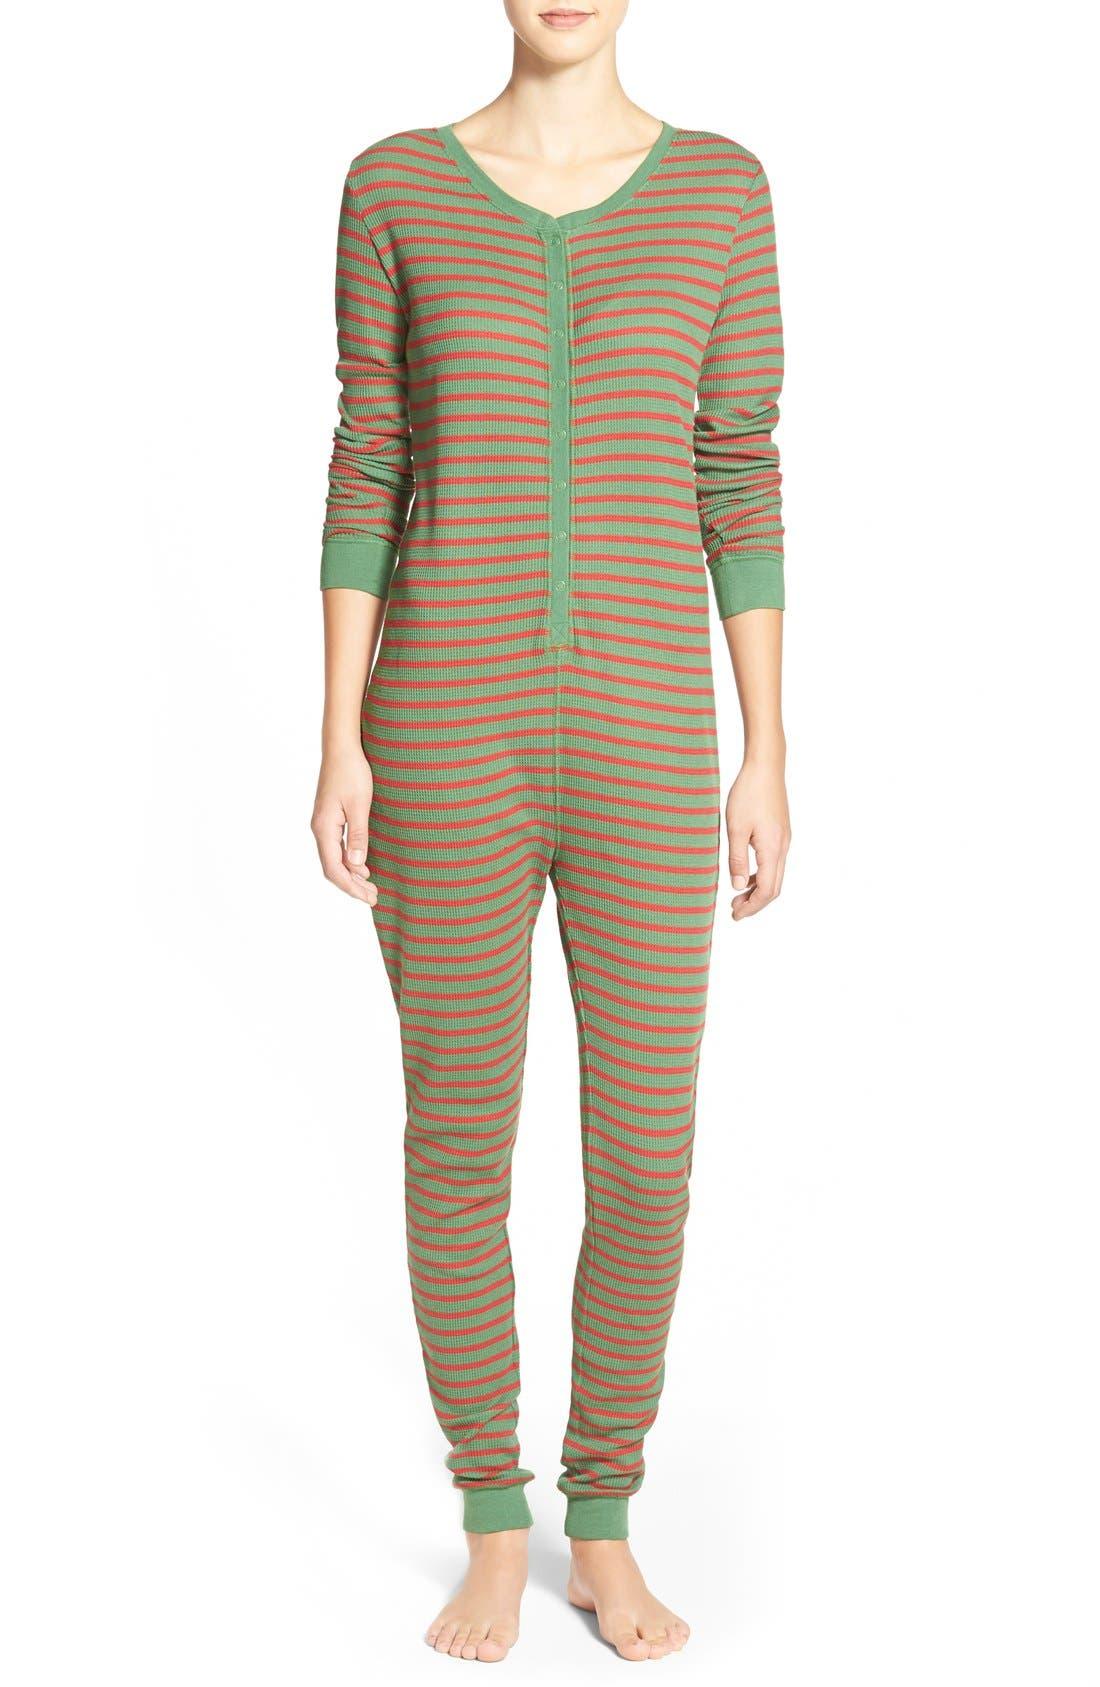 Holiday Thermal One-Piece Pajamas,                             Main thumbnail 1, color,                             310